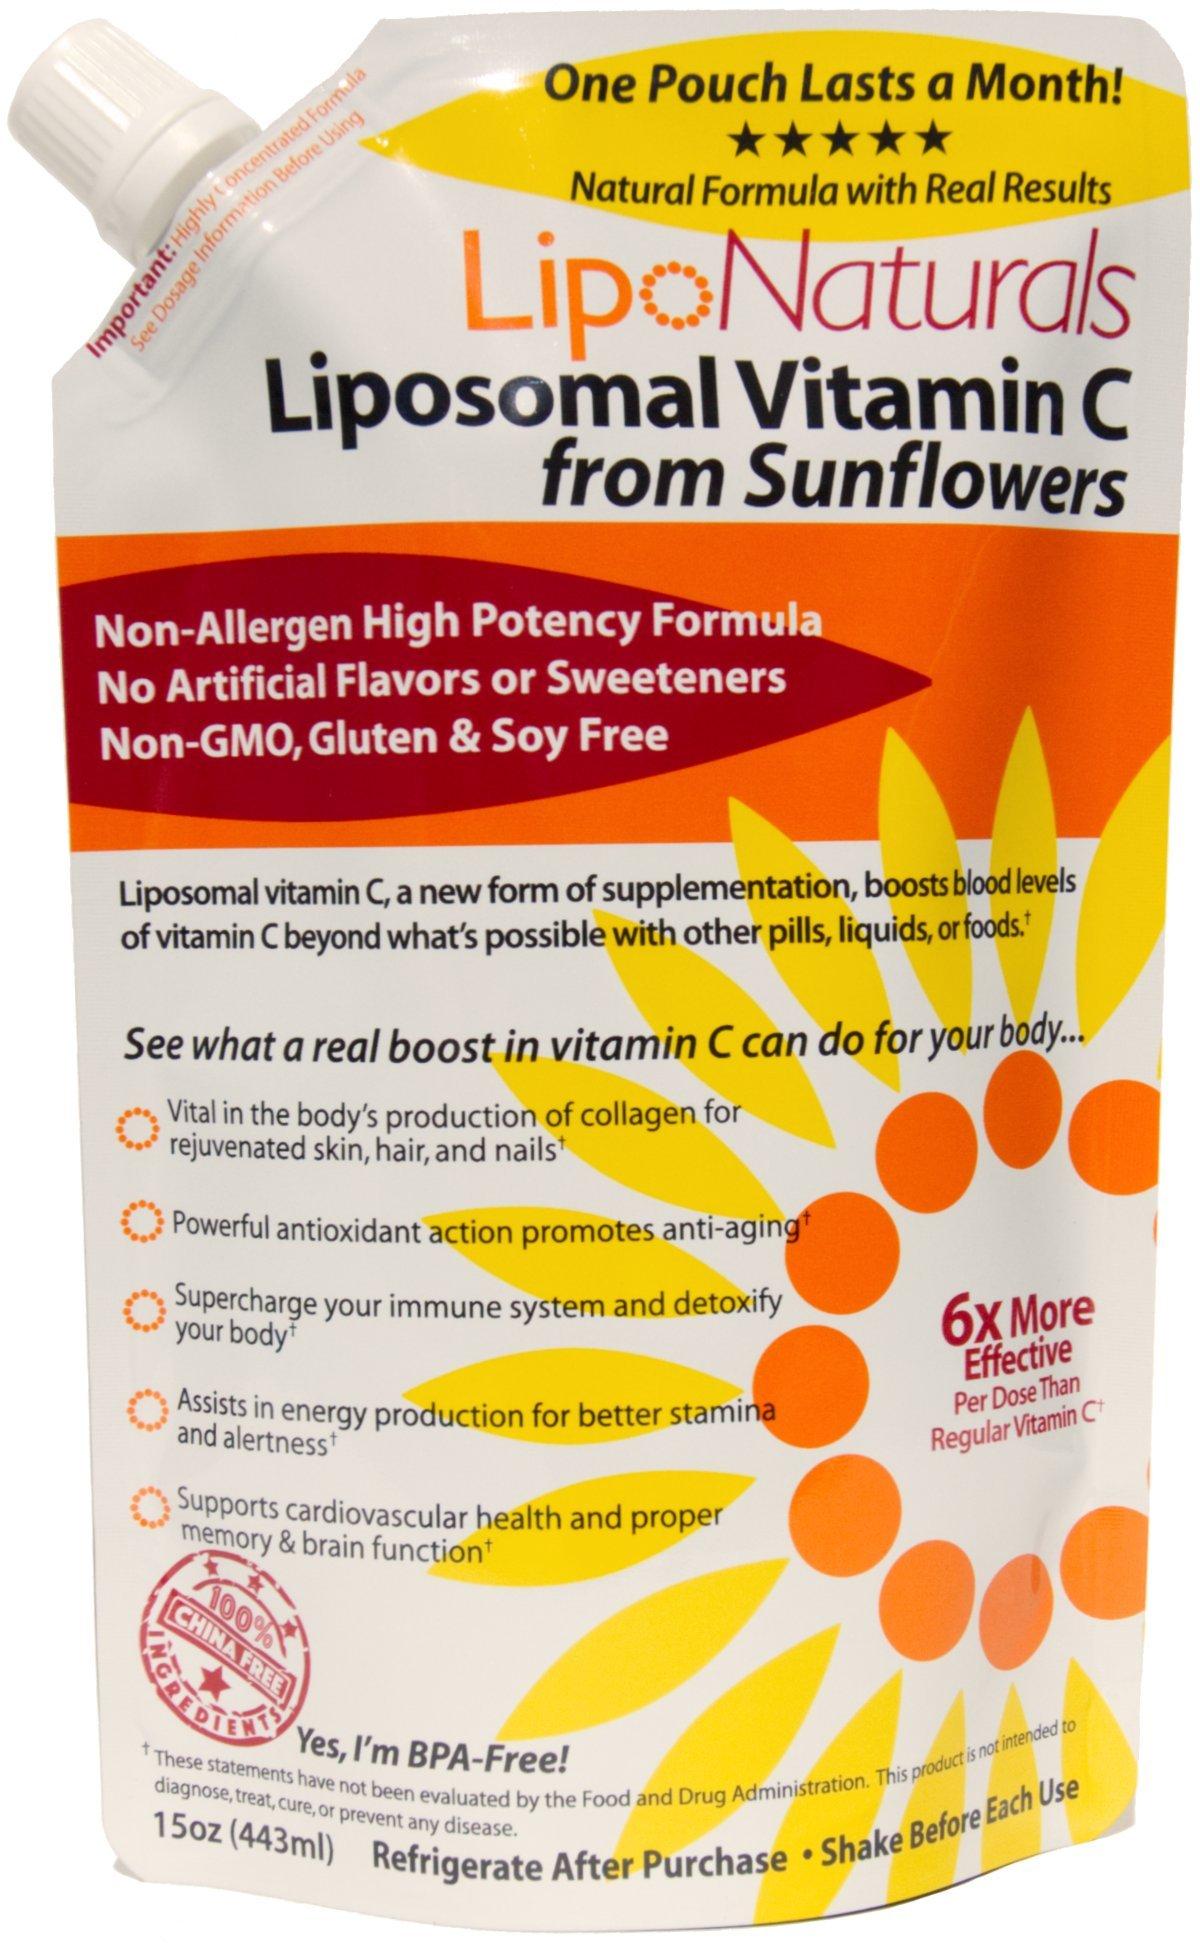 Lipo Naturals Liposomal Vitamin C   Non-Soy   China-Free   15oz by Lipo Naturals